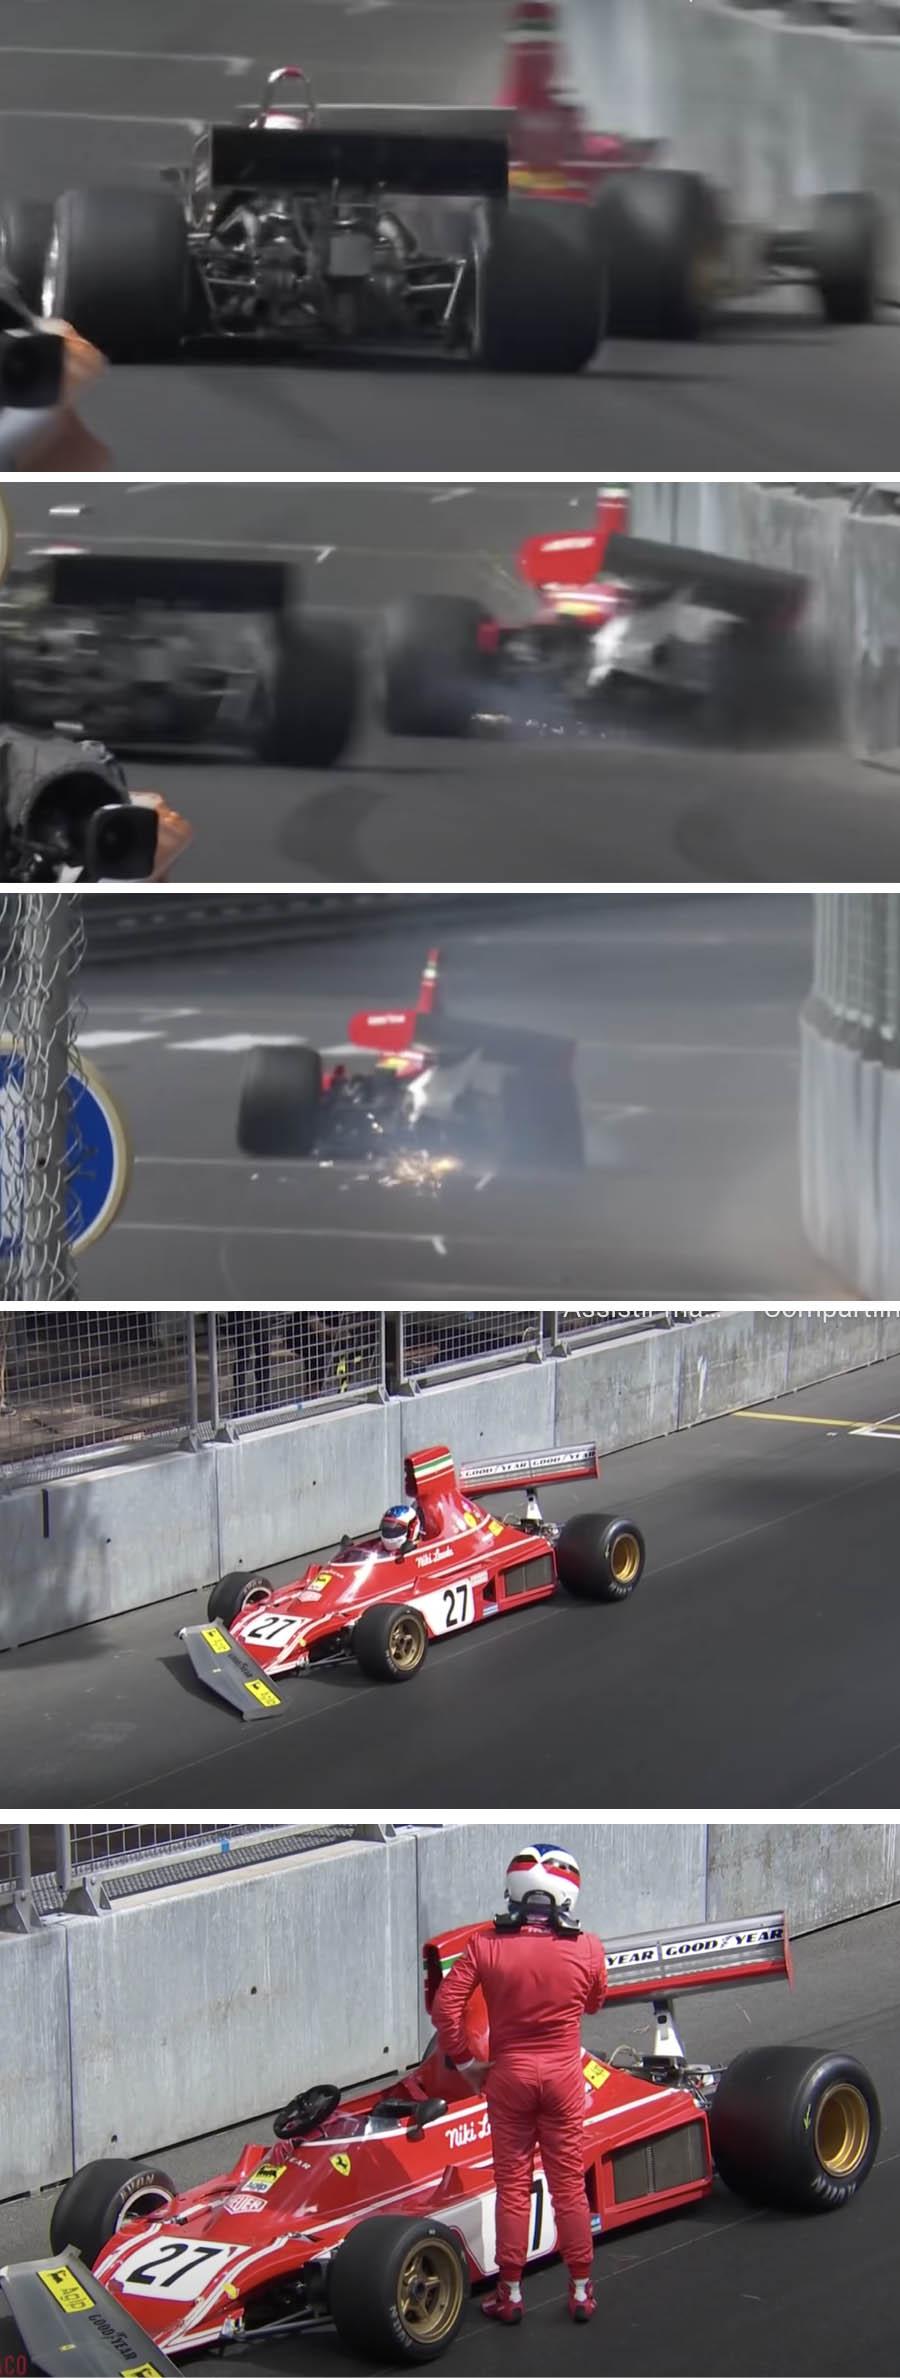 Alesi bate Ferrari histórica de R$ 30 milhões no muro em Mônaco